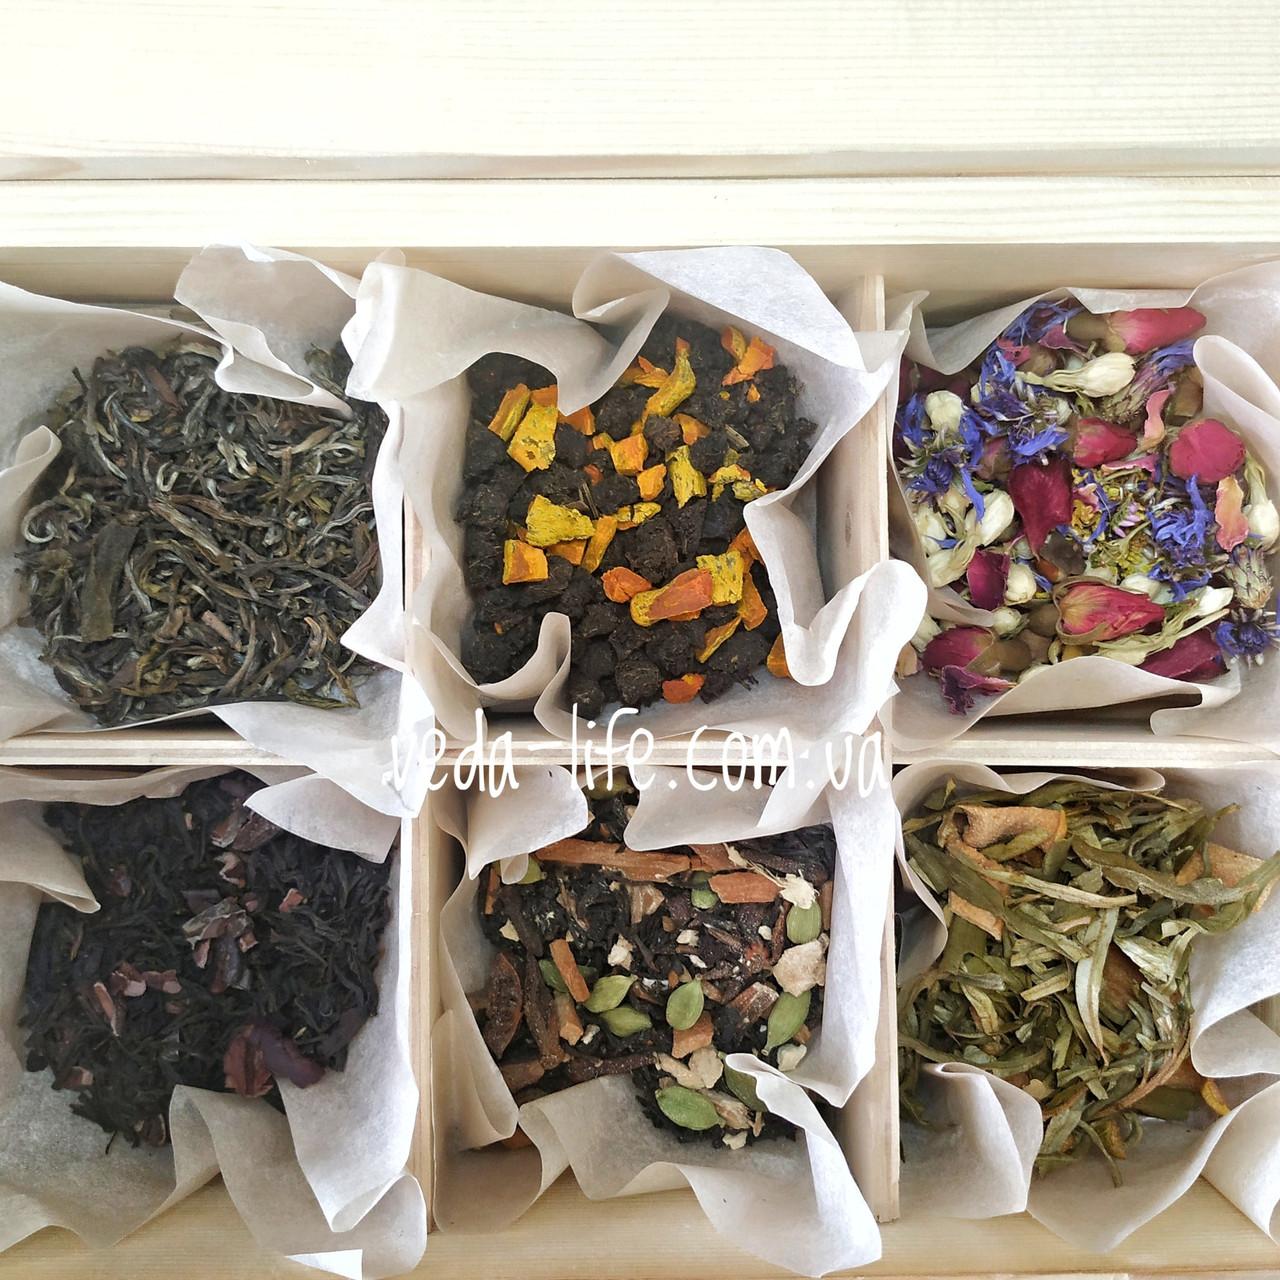 Чайний набір. Чайний сет з унікальних чаїв. Подарочный чайный набор в деревянной шкатулке Tea-Love